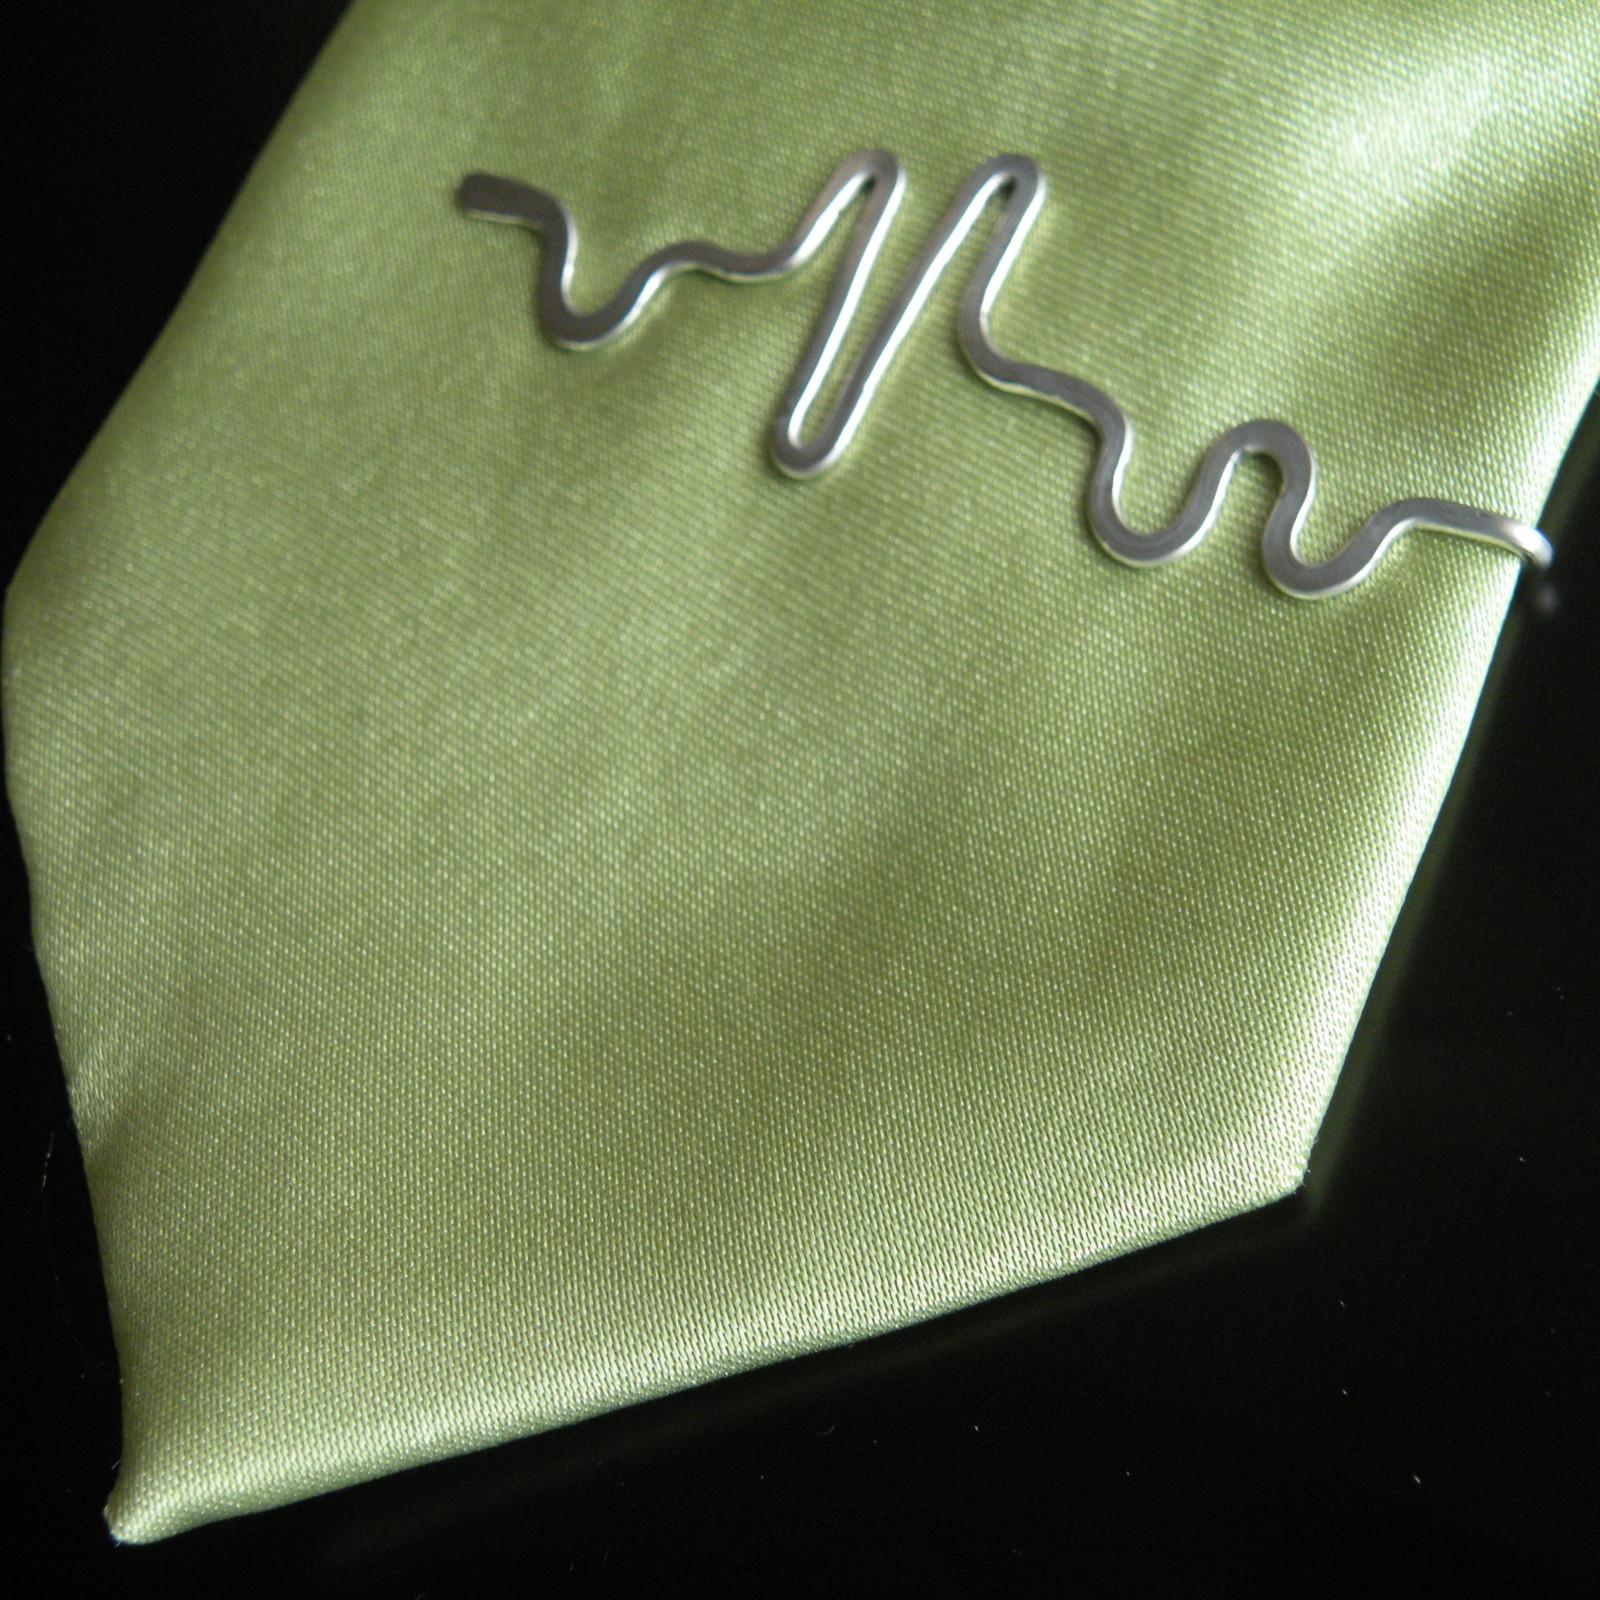 Kravatová spona EKG   Zboží prodejce Melvys  22a8966462e